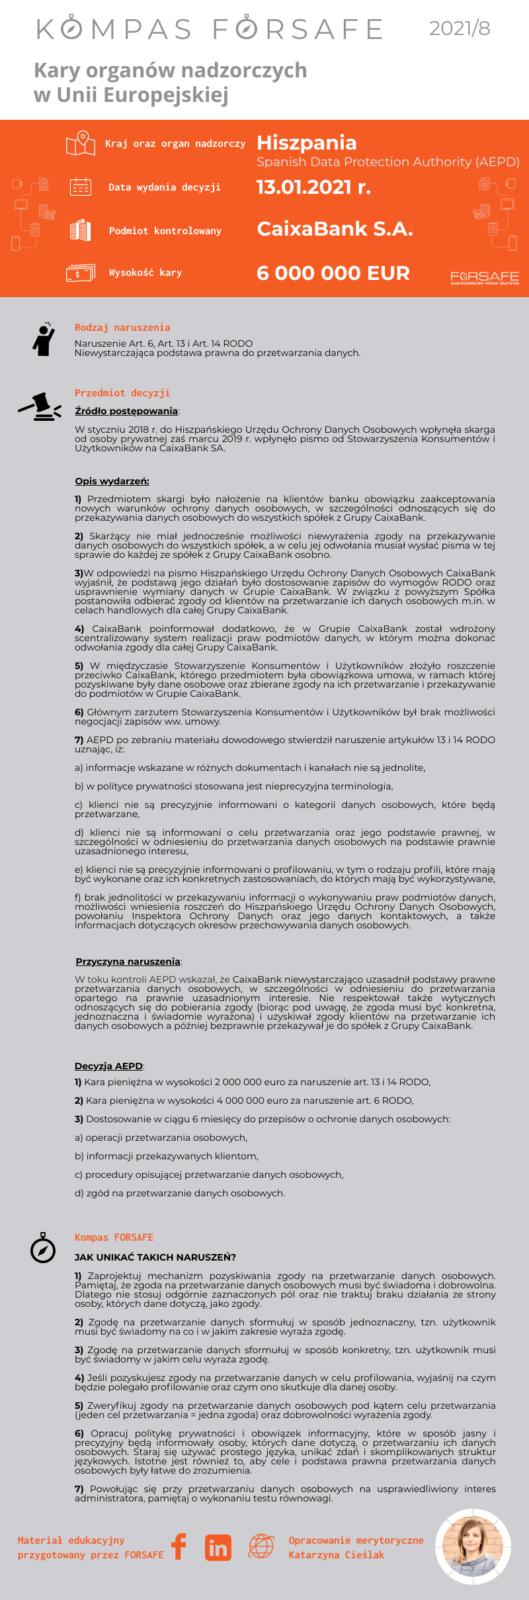 Kompas FORSAFE EU 2021 8 KOMPAS FORSAFE EU 2021/8 - Kara dla CaixaBank w Hiszpanii